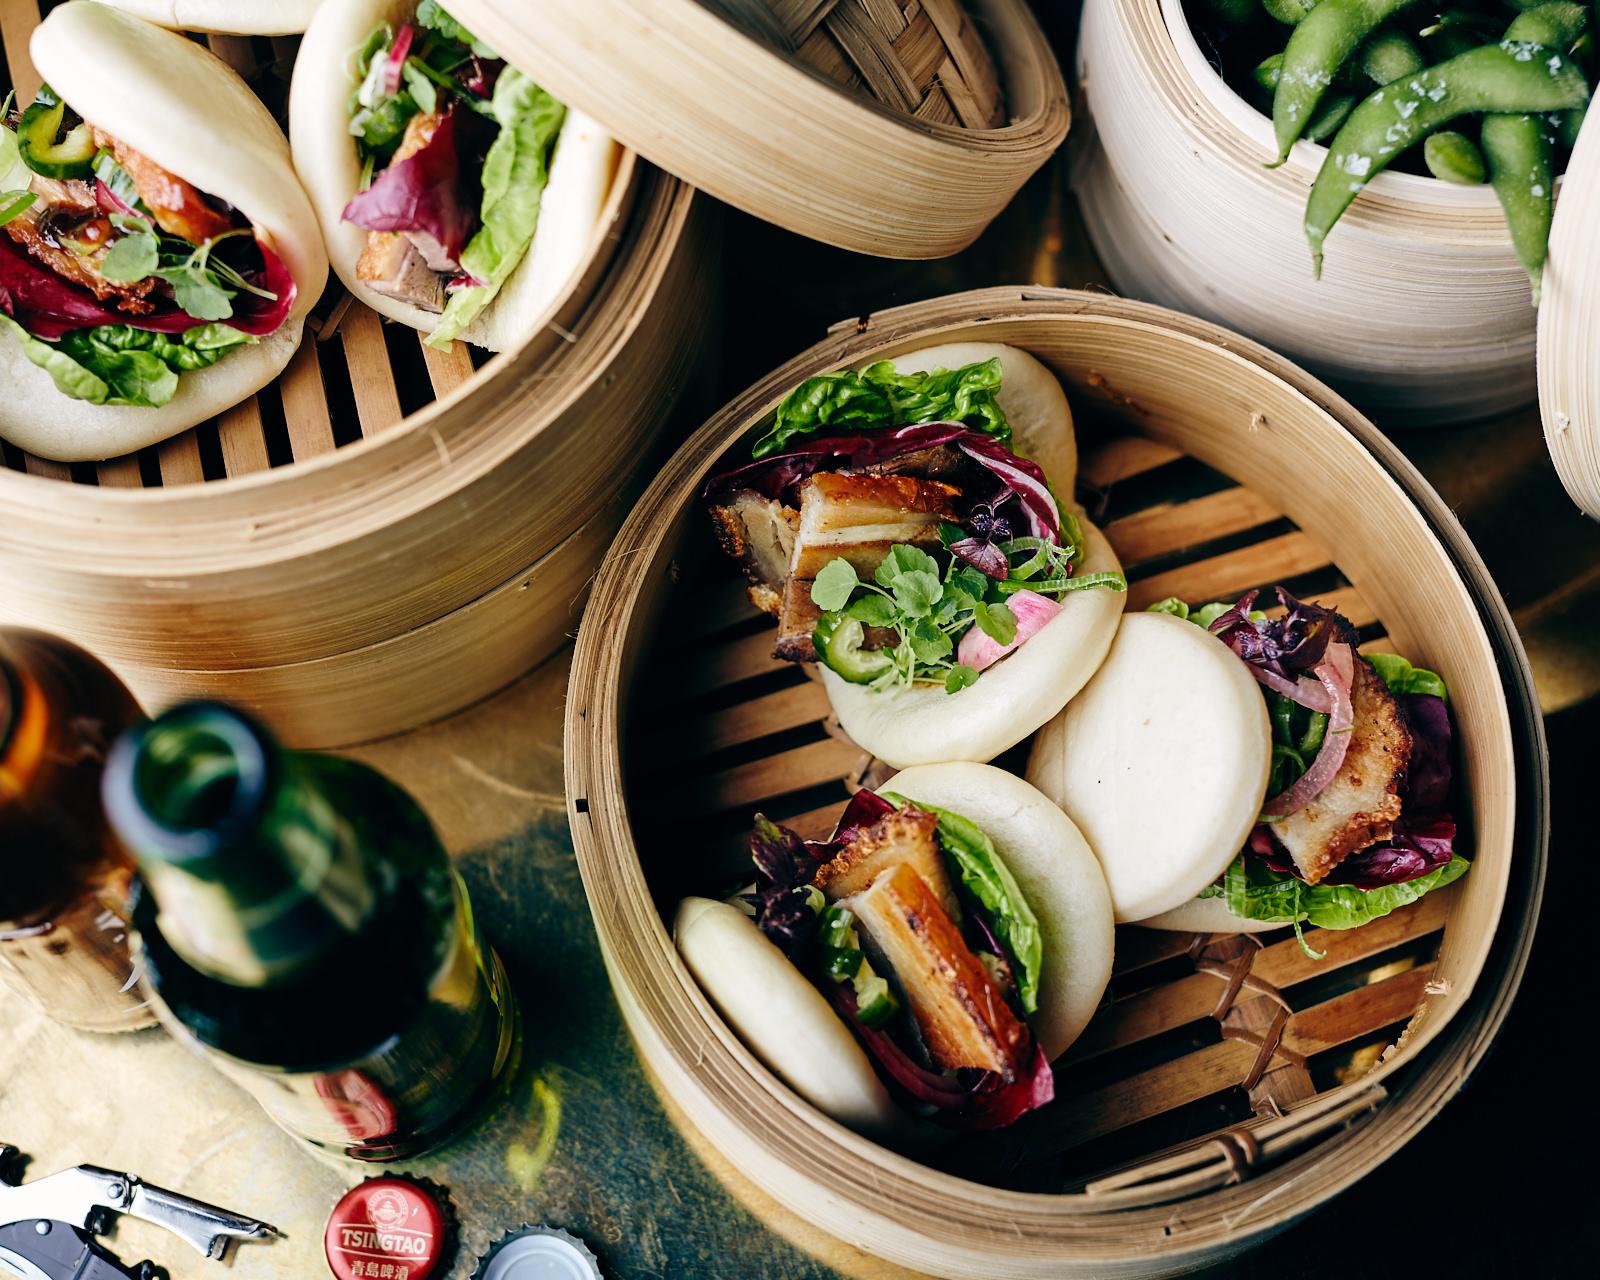 De Blauwe Draak.Food Photography